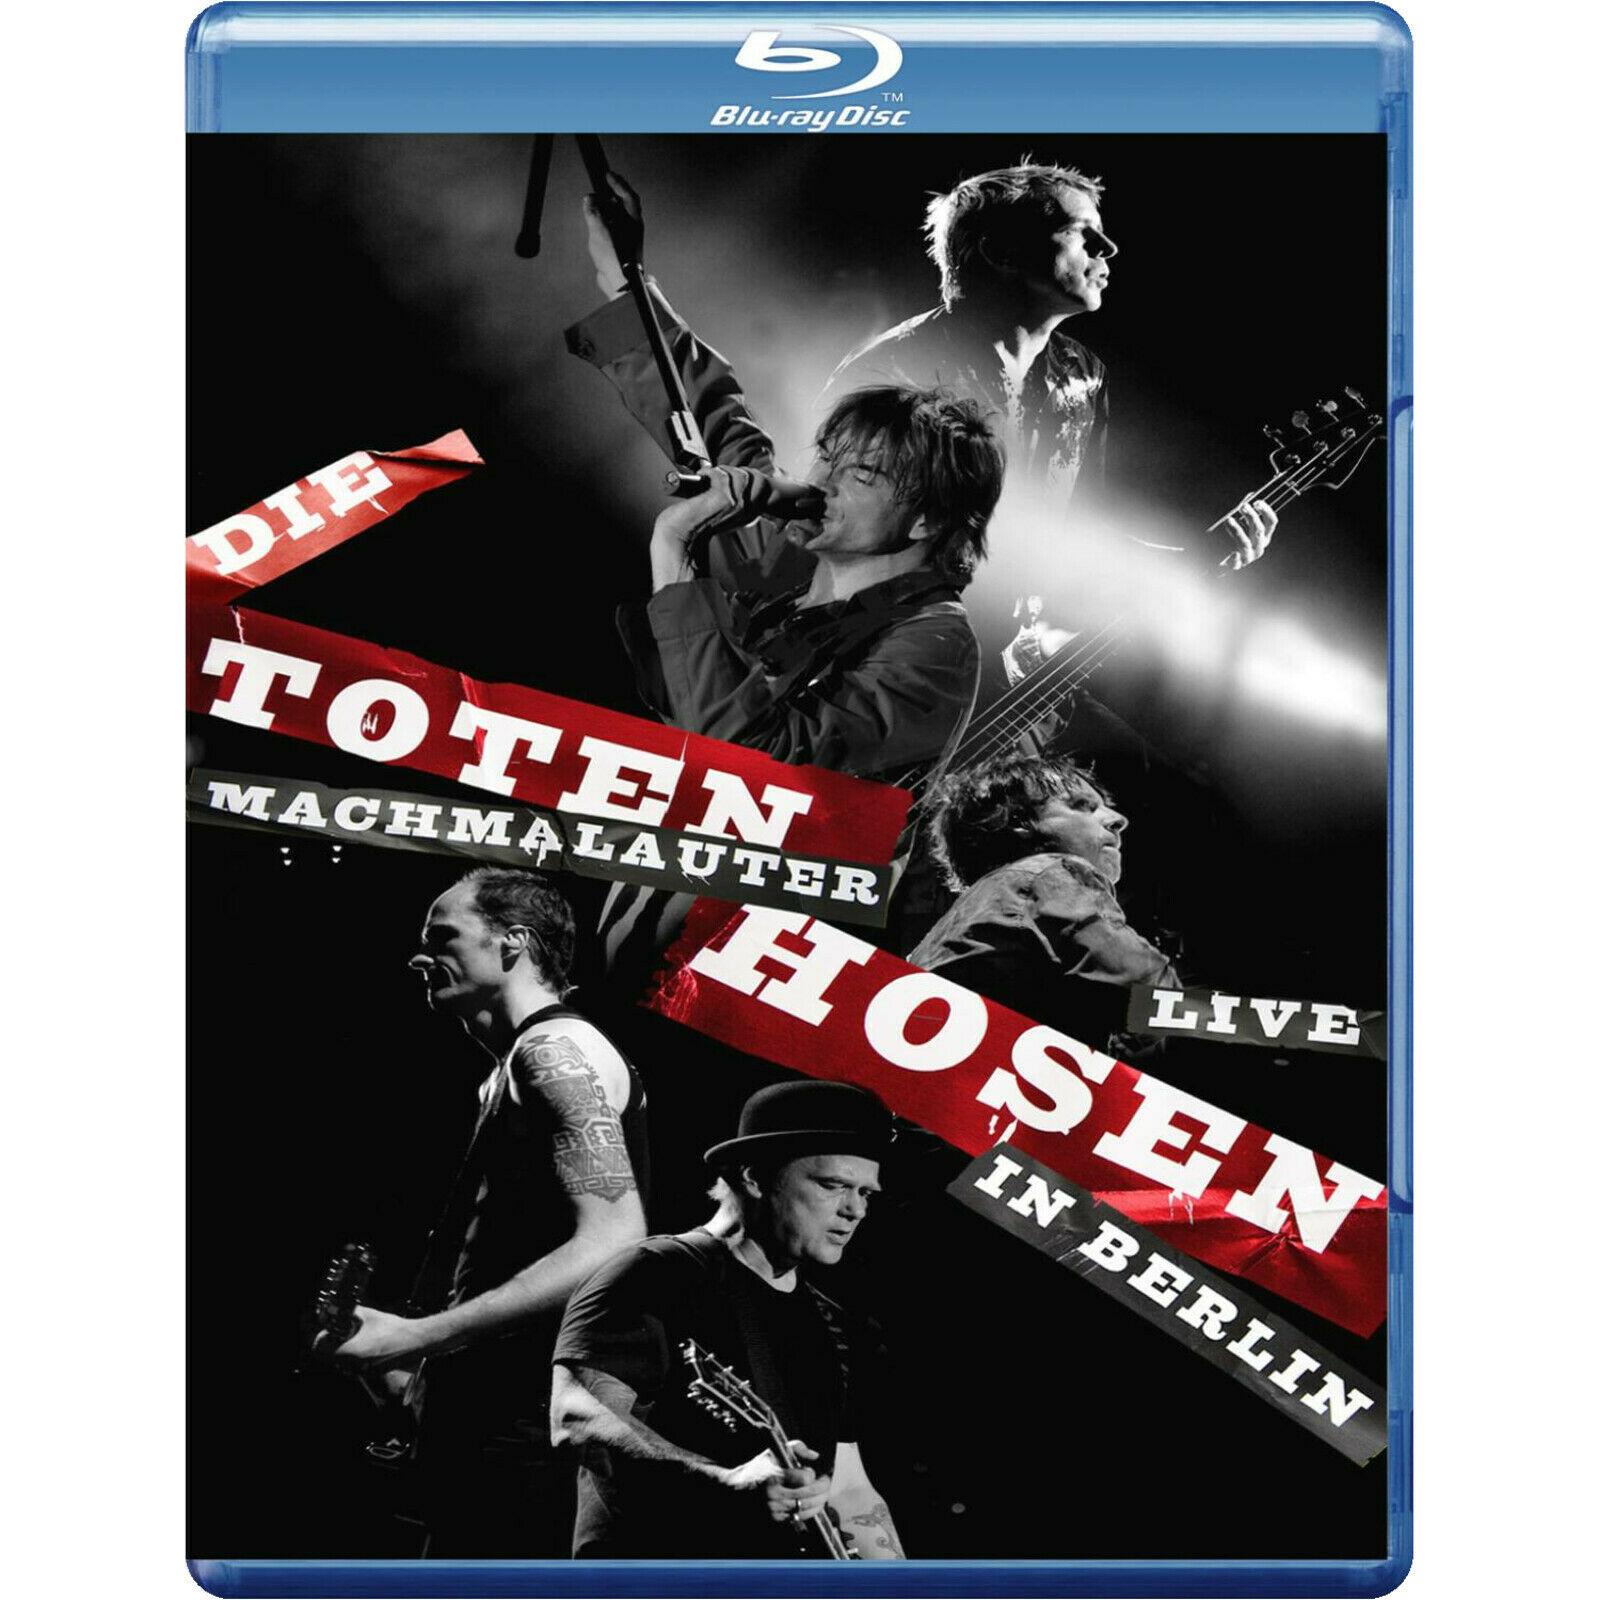 Die Toten Hosen - Machmalauter Live in Berlin (Blu-ray) für 5,84€ (Amazon Prime & Saturn & Media Markt Abholung)